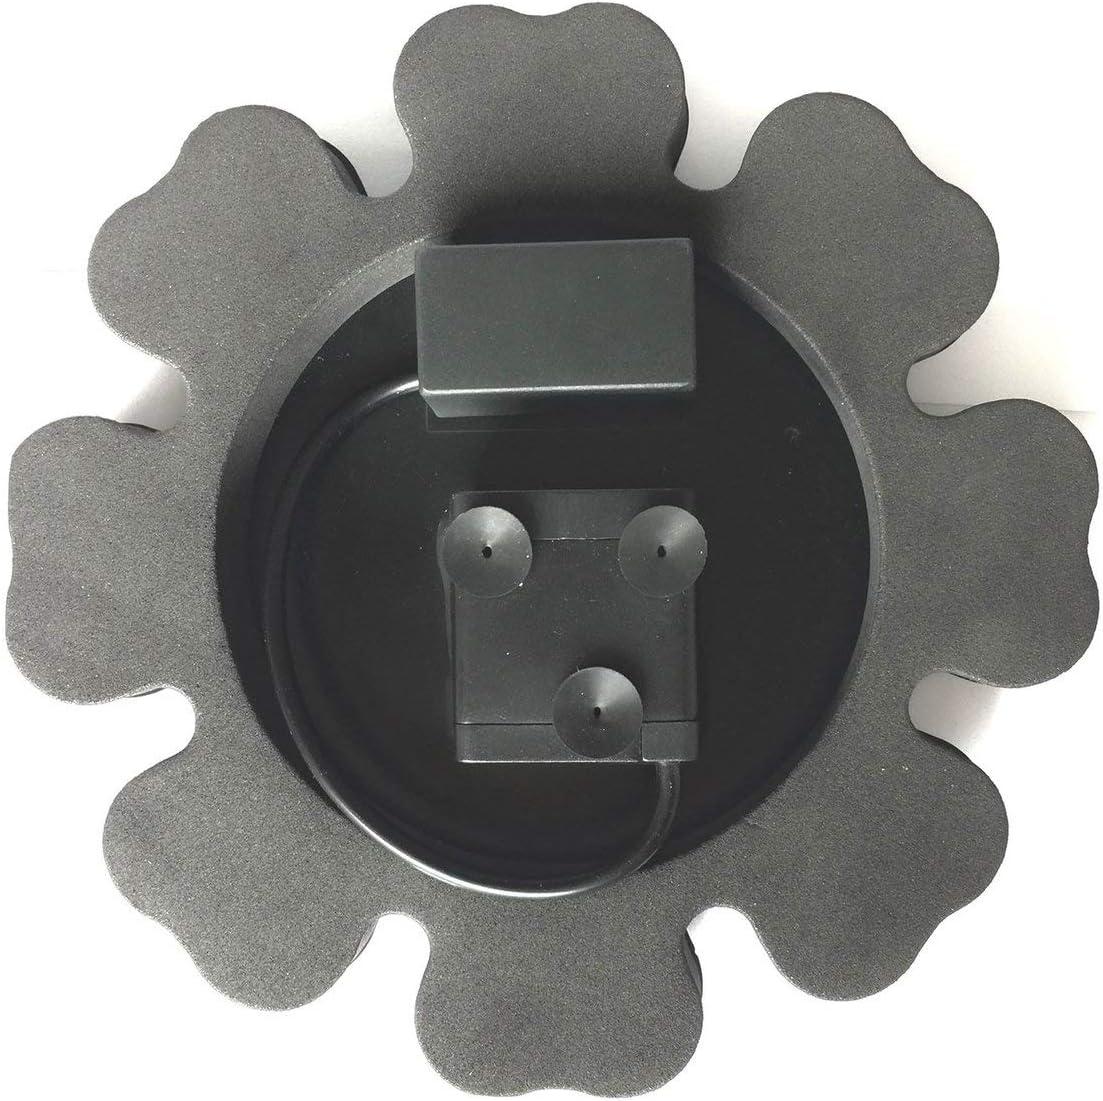 ShenyKanny Kit de Pompe /à Eau /électrique /à Panneau Solaire de Conception innovante pour Tournesol pour Piscine de Jardin avec Fontaine /à lavabos Pompe /à Eau Lavable Amovible